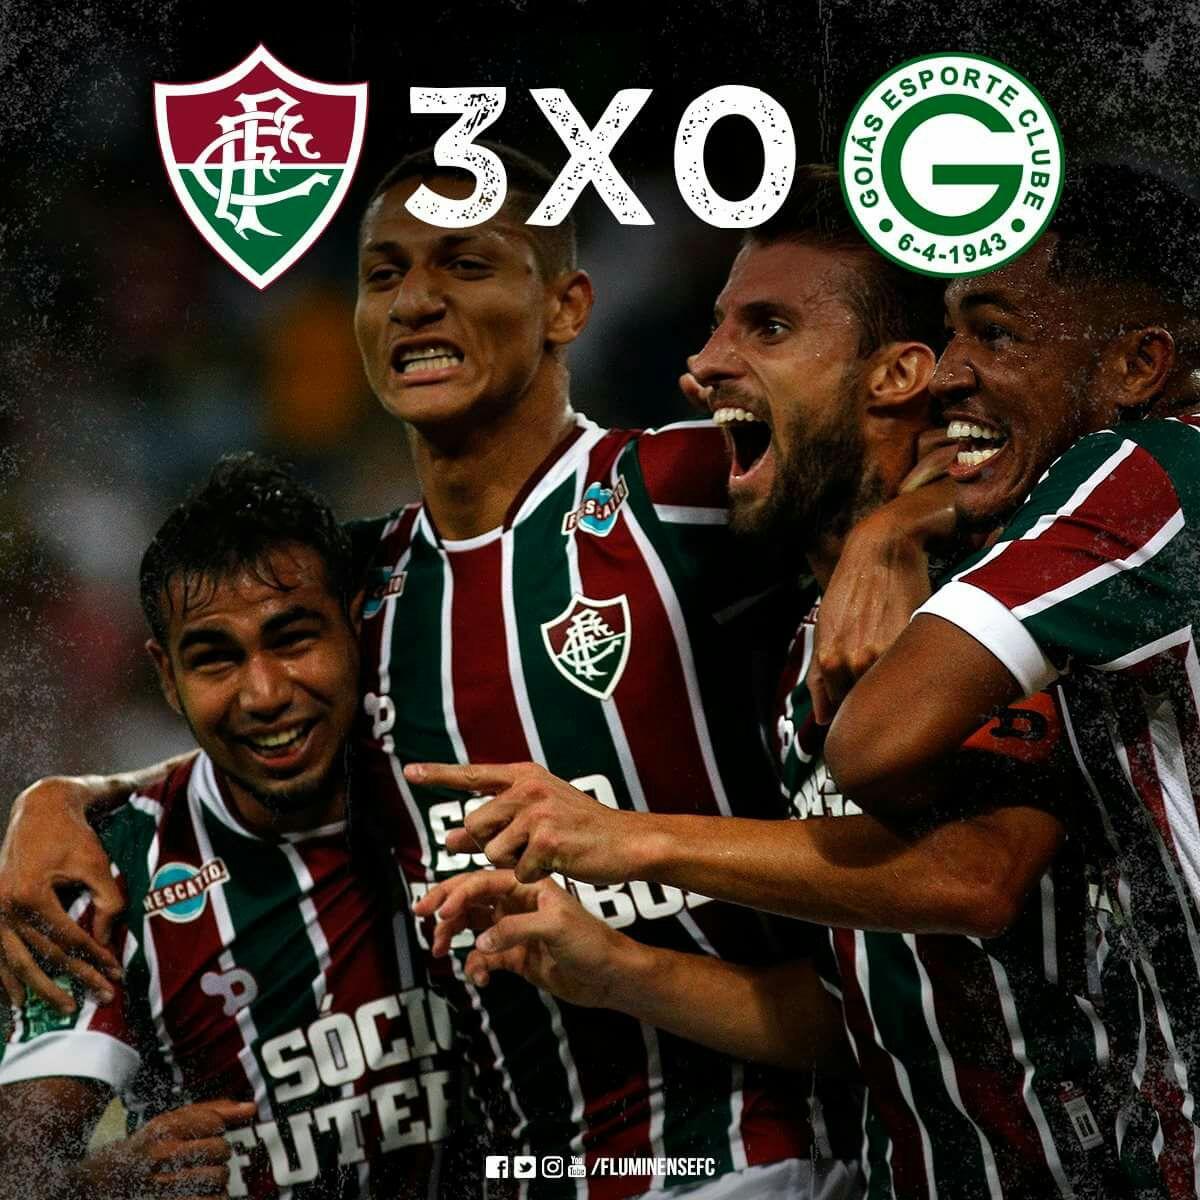 A VAGA É NOSSA! Fluzão vence o Goiás por 3 a 0 e se classifica para as oitavas de final da Copa do Brasil. Gols: Henrique, Nogueira e Pedro